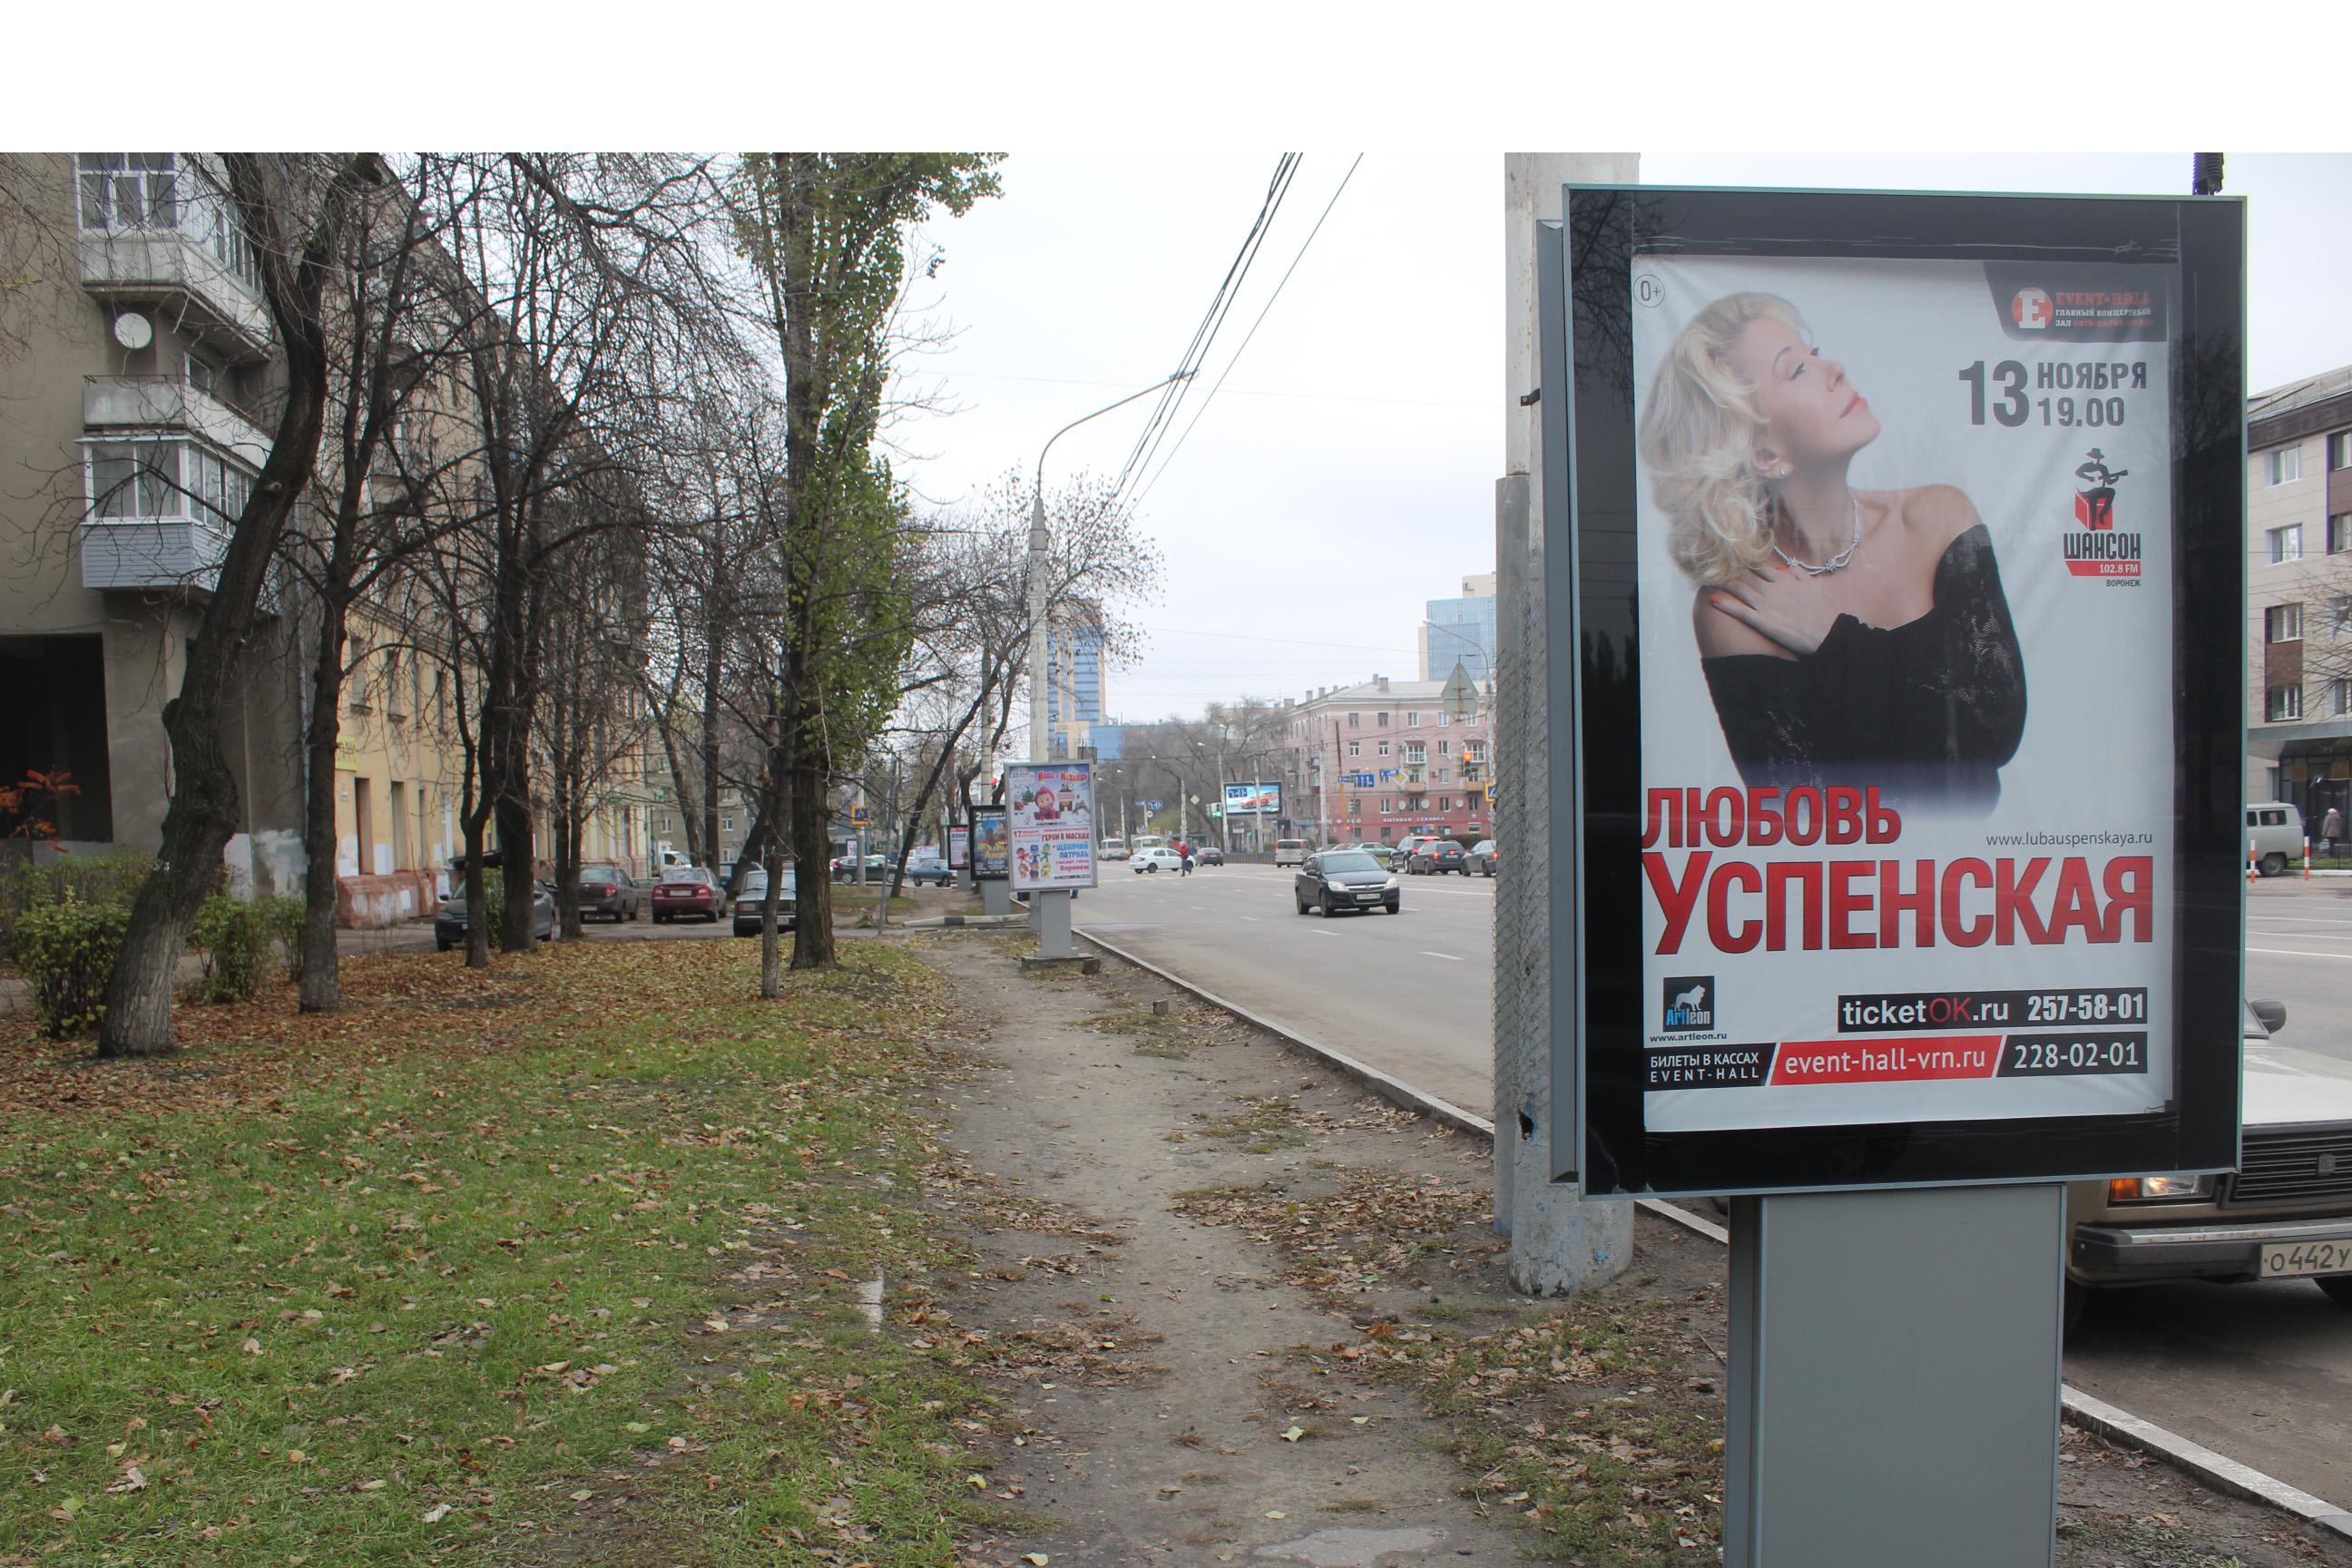 307В Ул. Кольцовская, д. 72